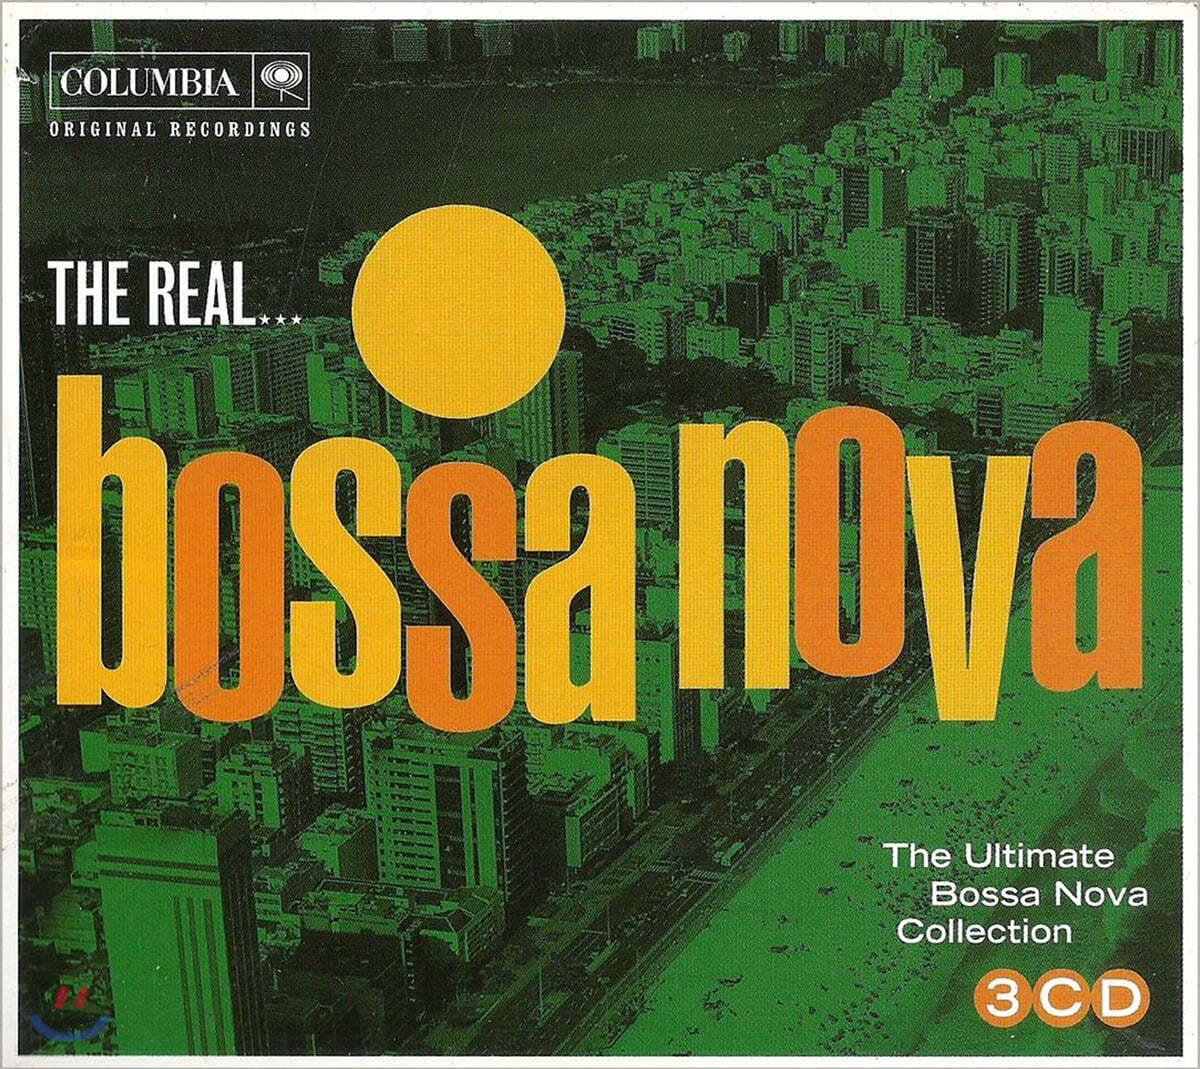 보사노바 명곡 모음집 (The Ultimate Bossa Nova Collection: The Real...)